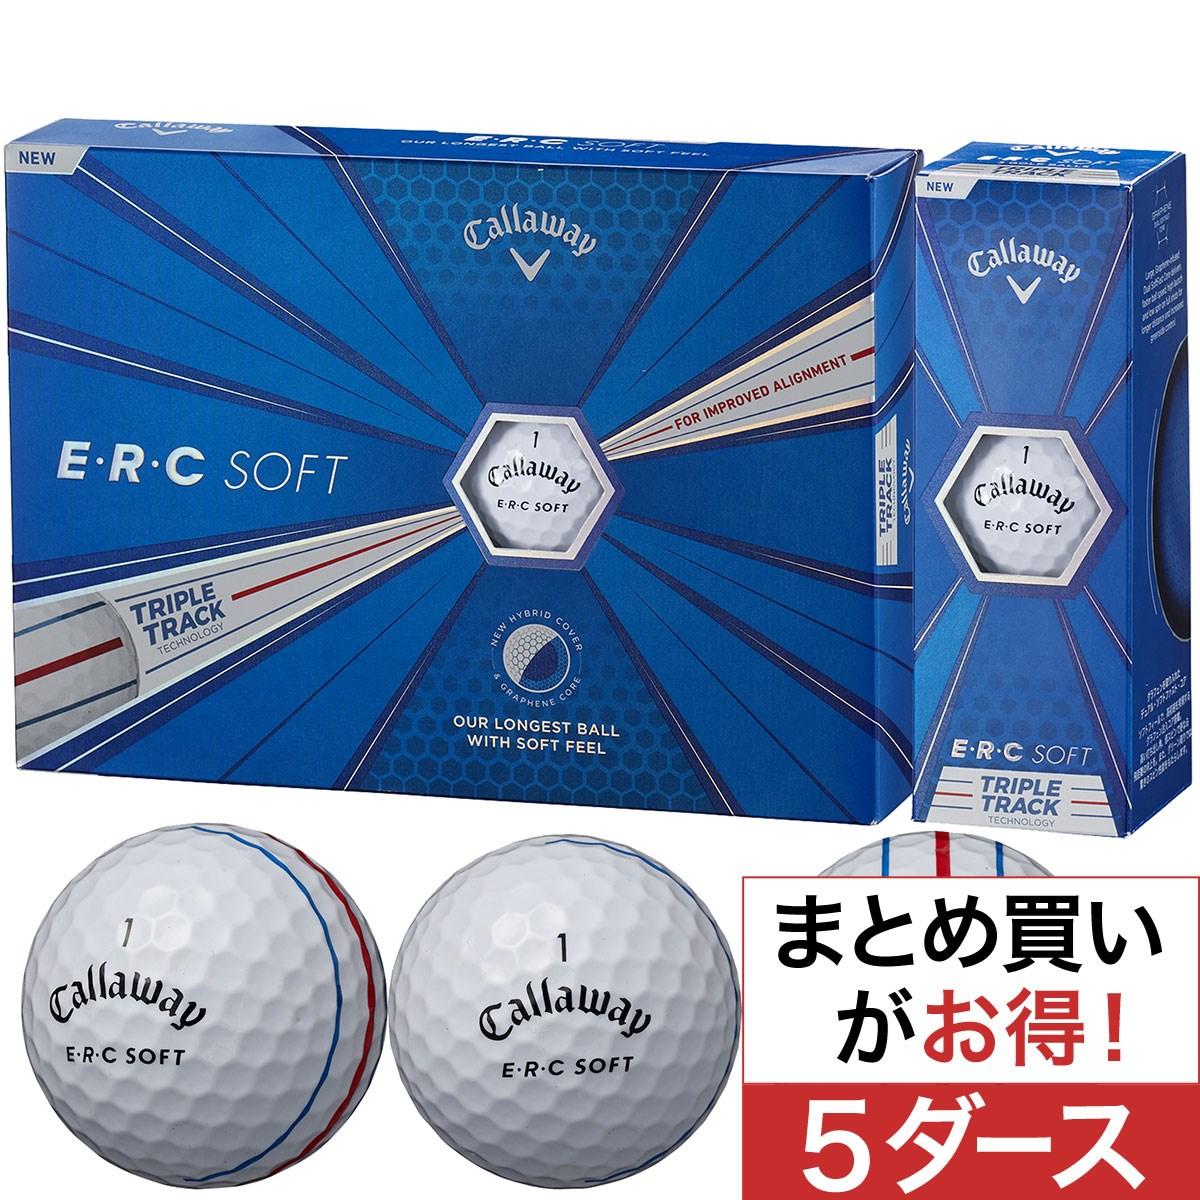 キャロウェイゴルフ(Callaway Golf) ERC SOFT 19 TRIPLE TRACK ボール 5ダースセット